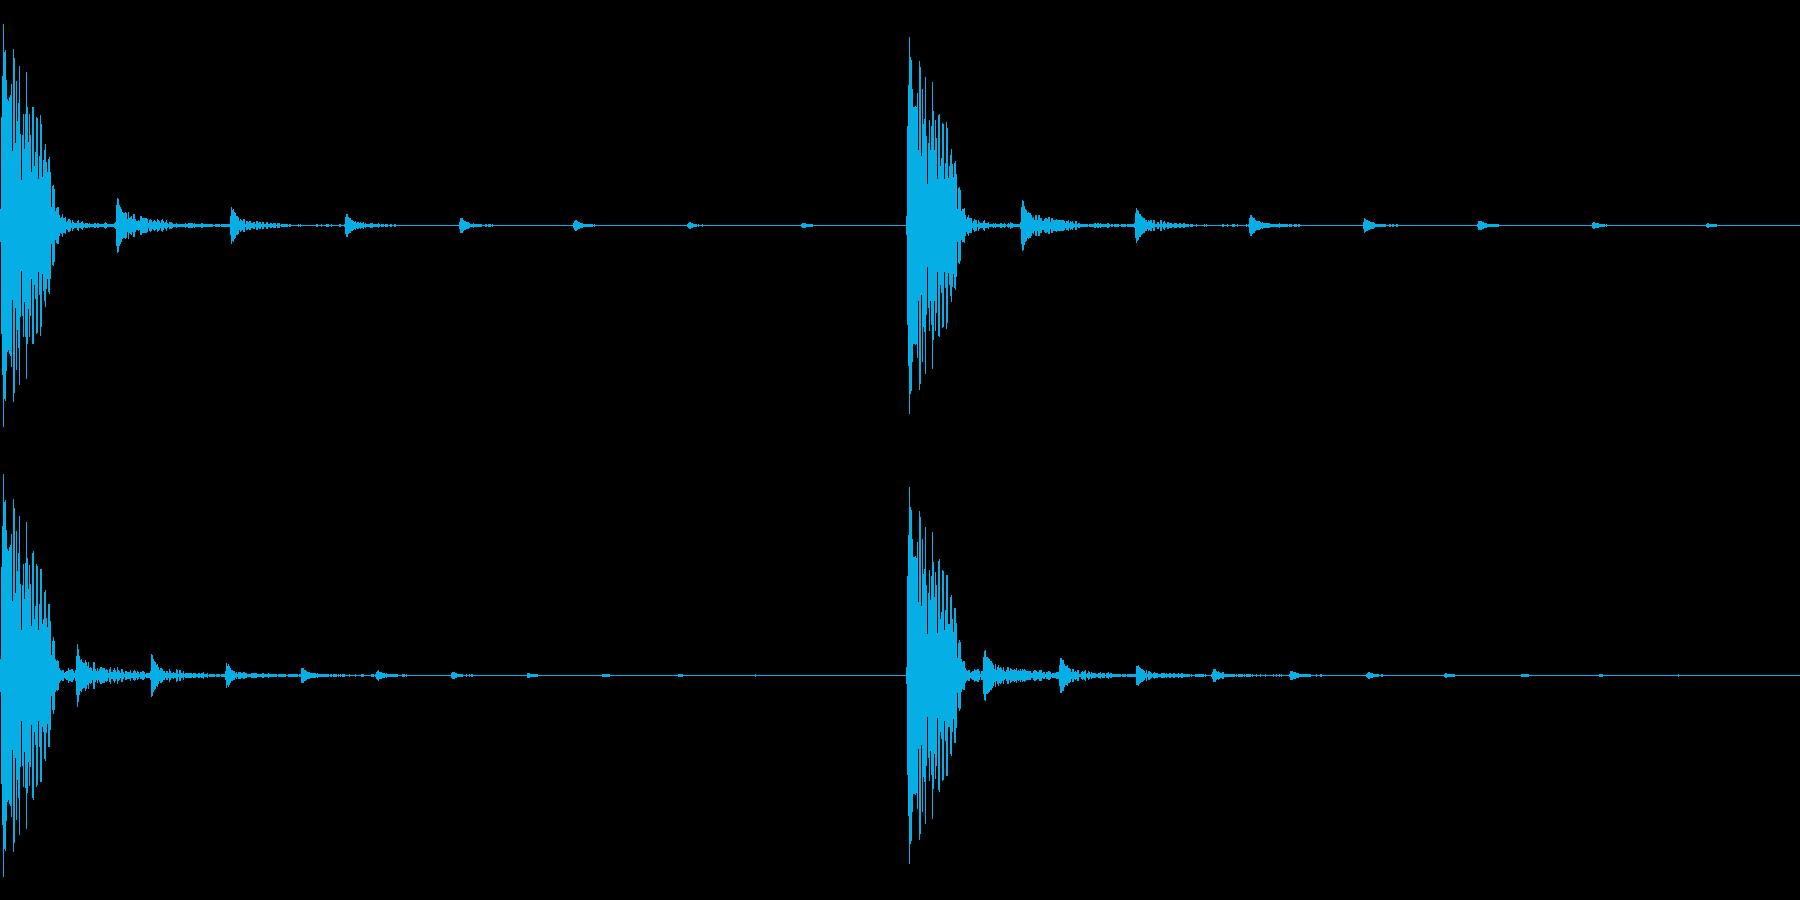 他と違う心臓の音、遠のく意識のような音の再生済みの波形